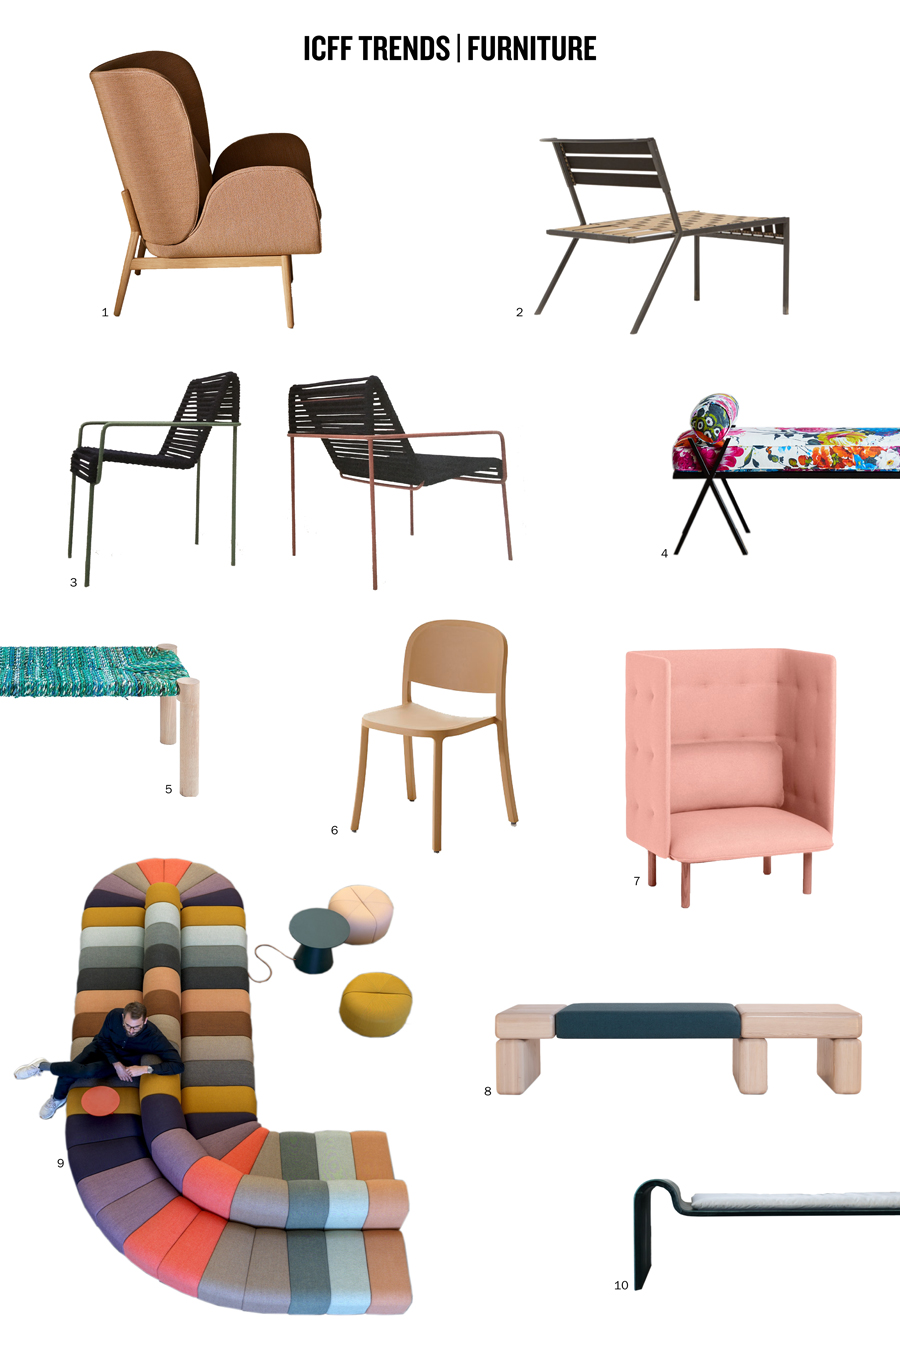 46 ICFF Interior Furniture Favorites